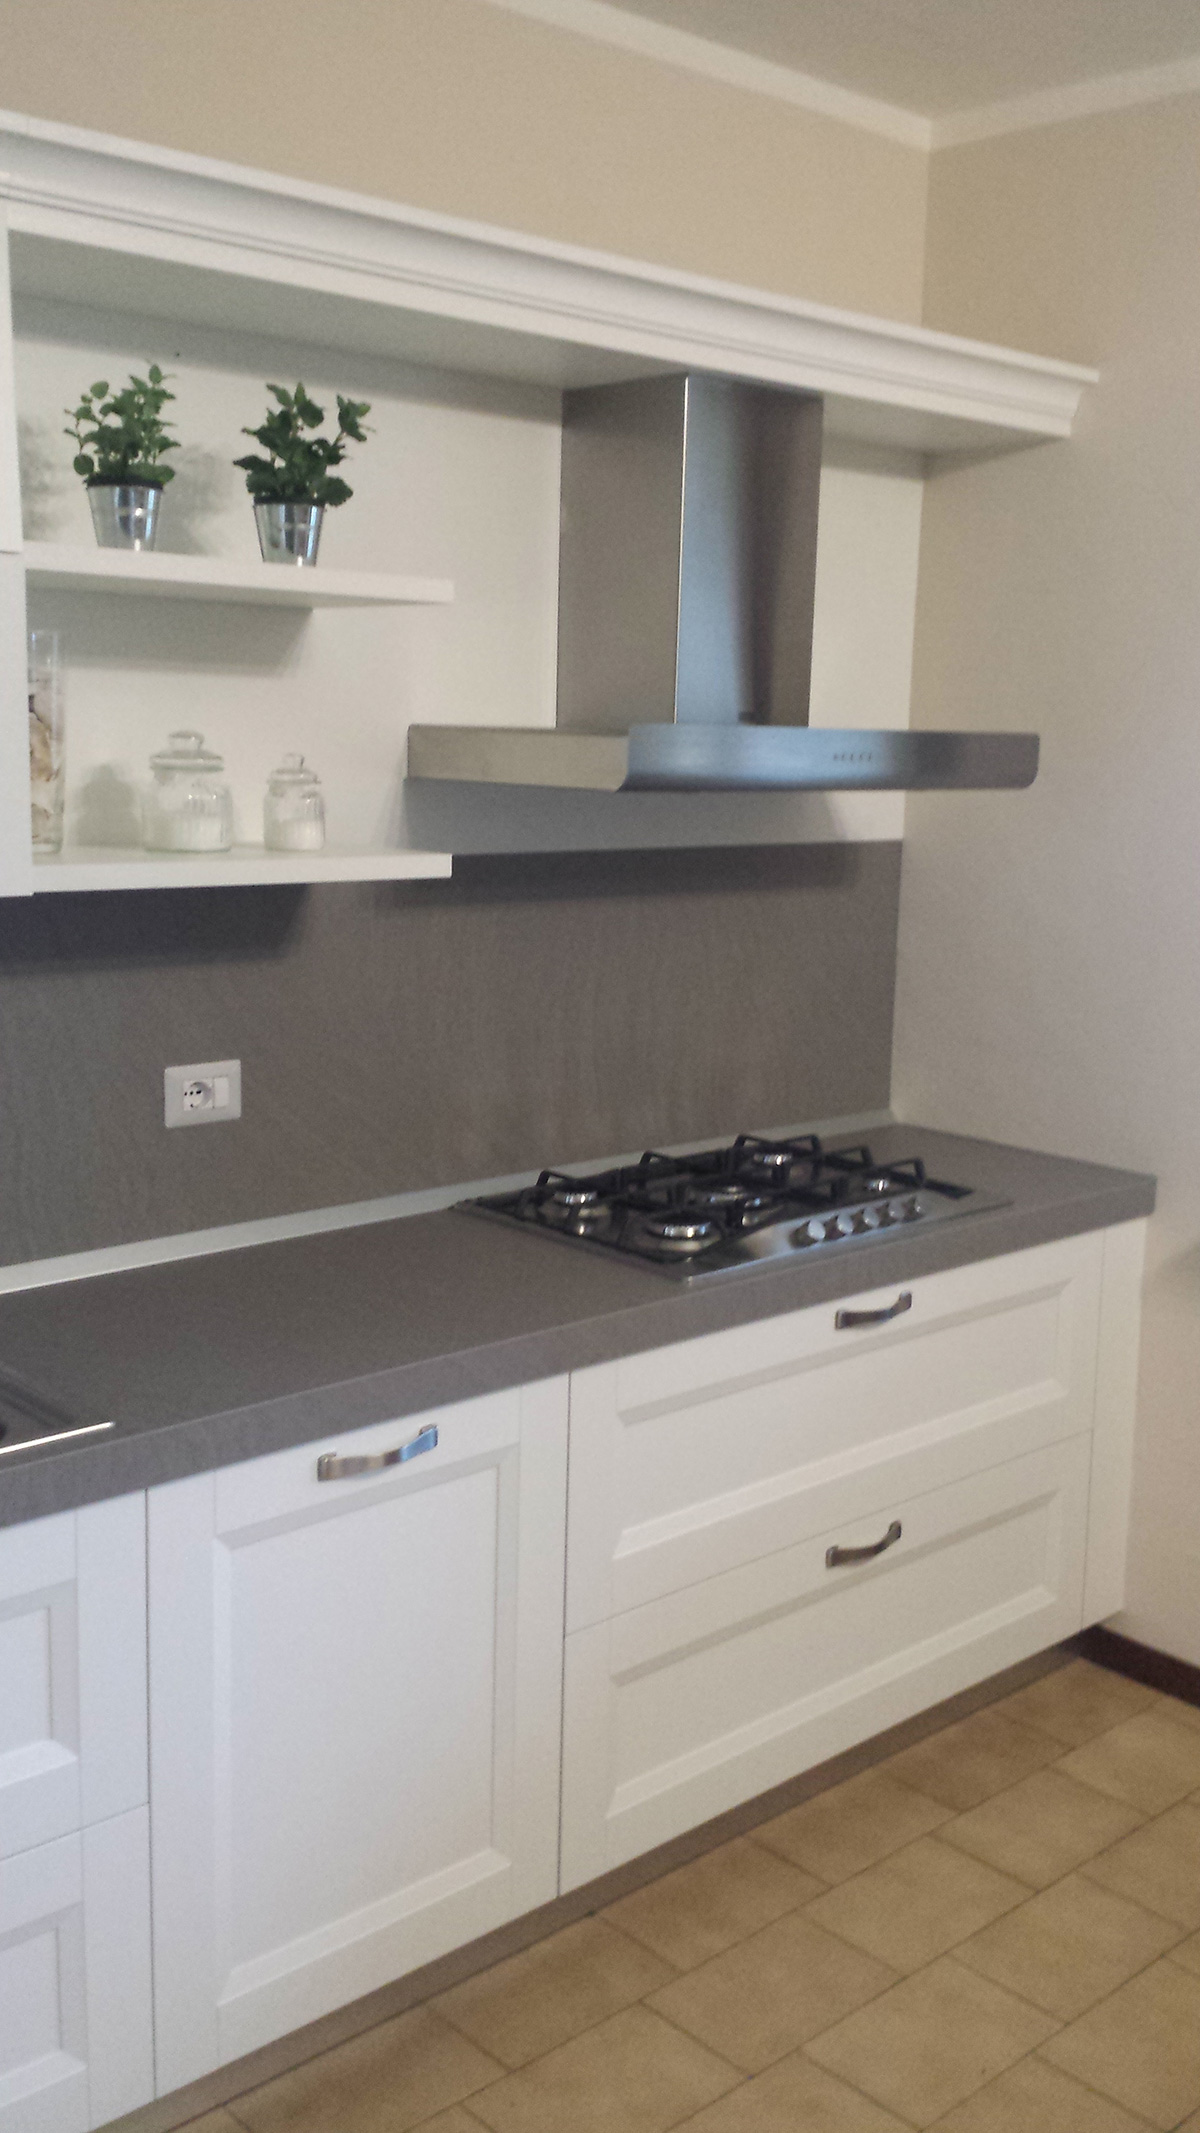 Abitazione privata a pederiva di montebelluna cucina - Top cucina laminato opinioni ...